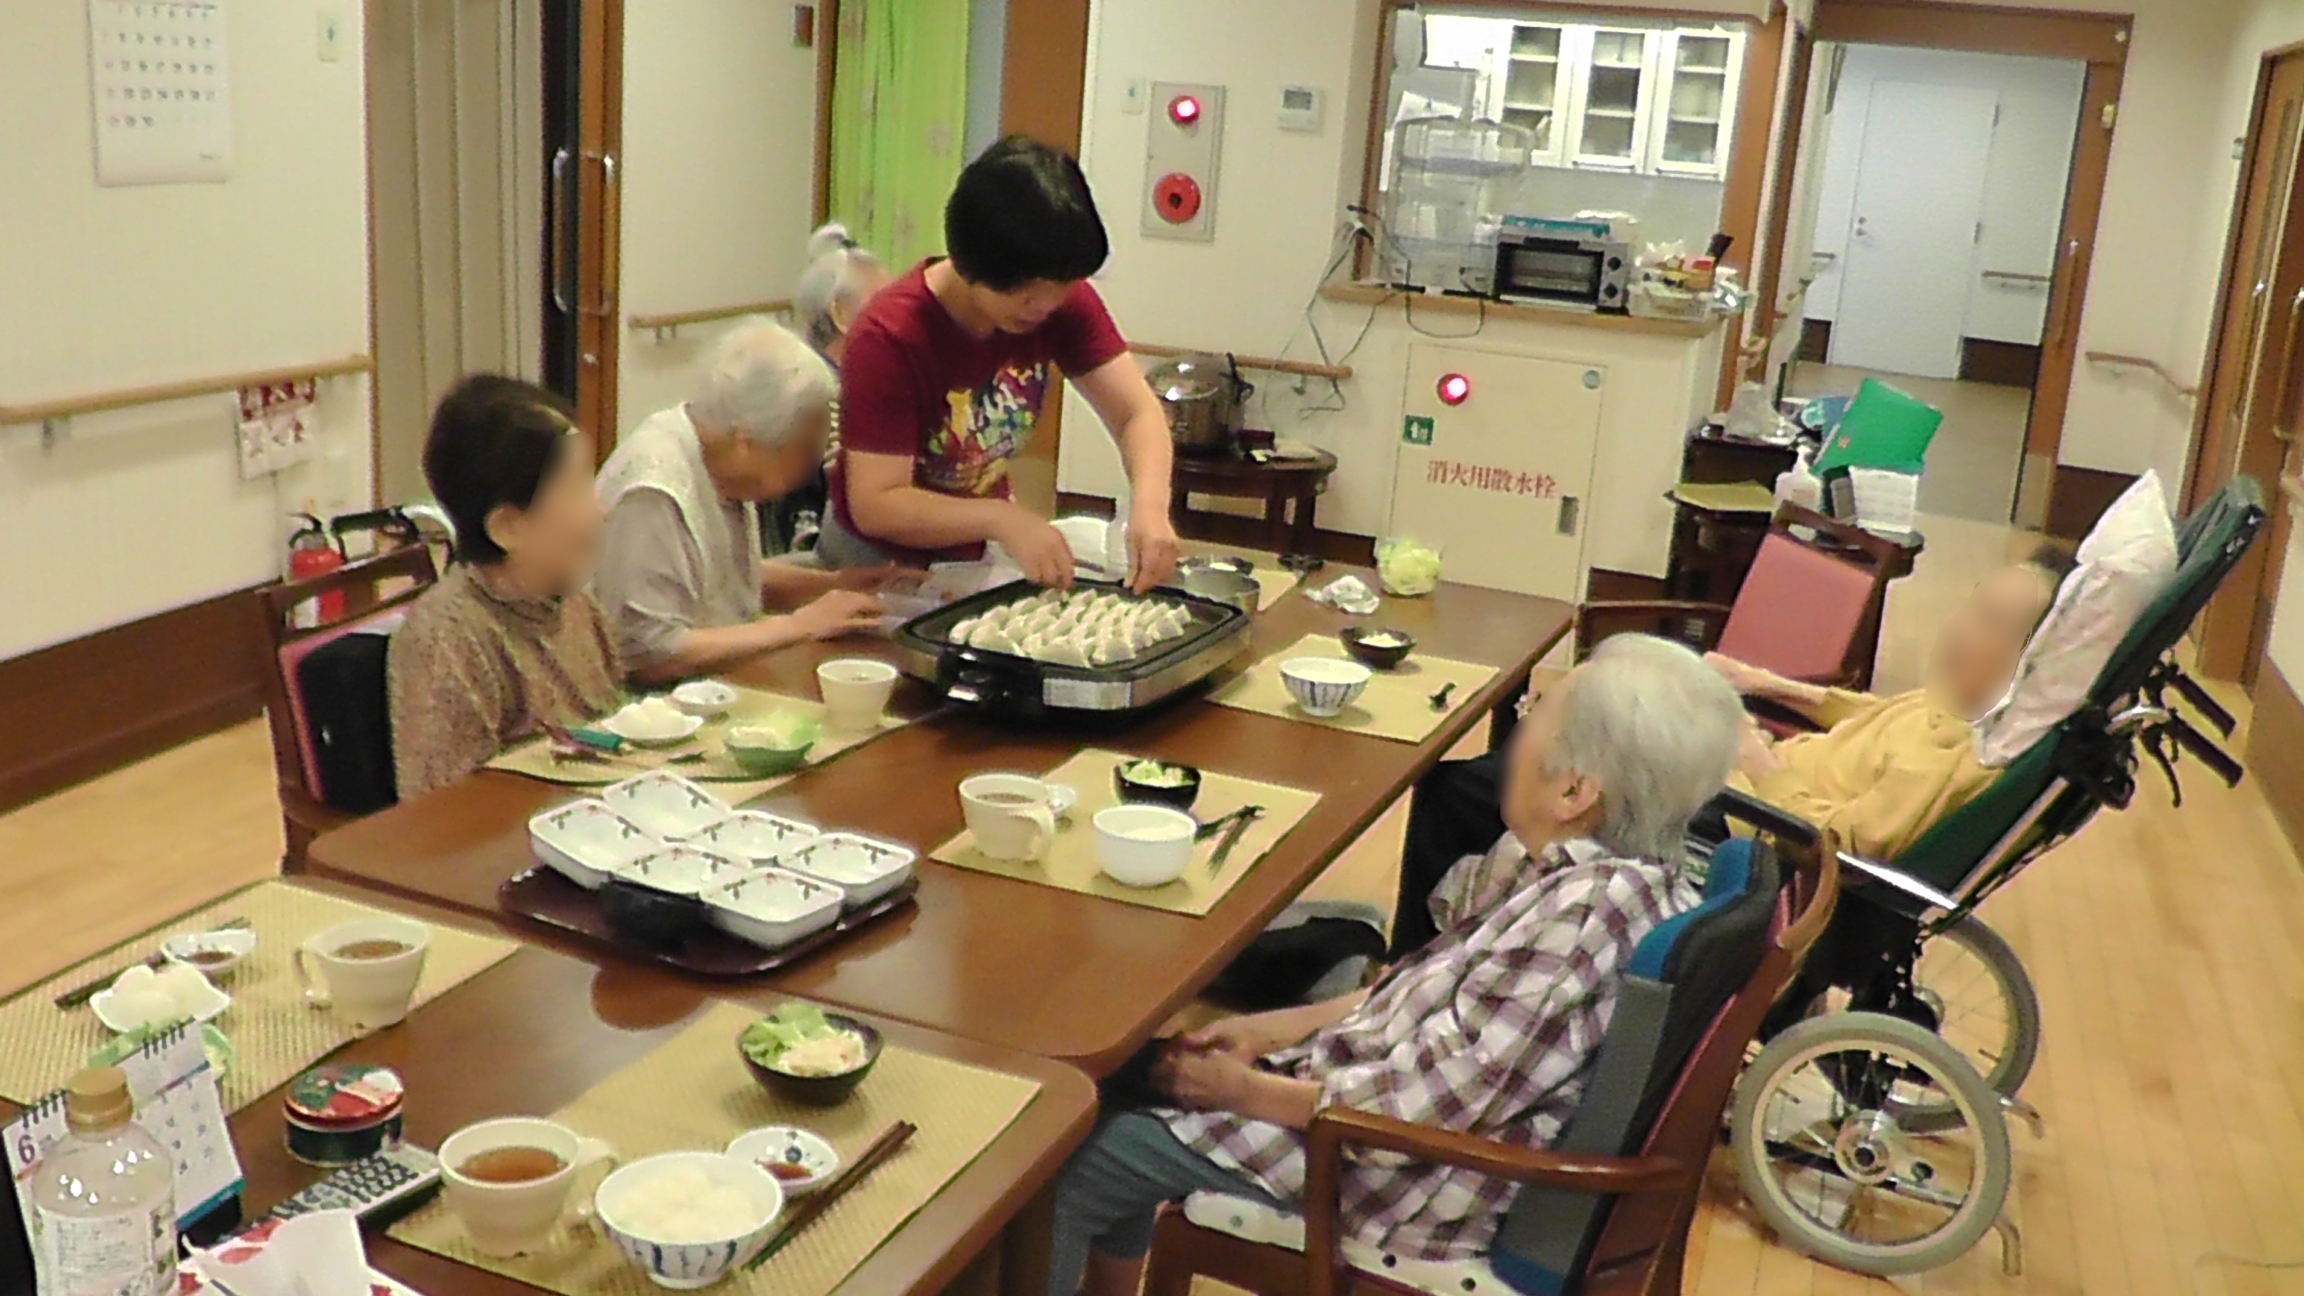 入居者様のリクエストで餃子パーティー。介護職員が中心となって企画します。